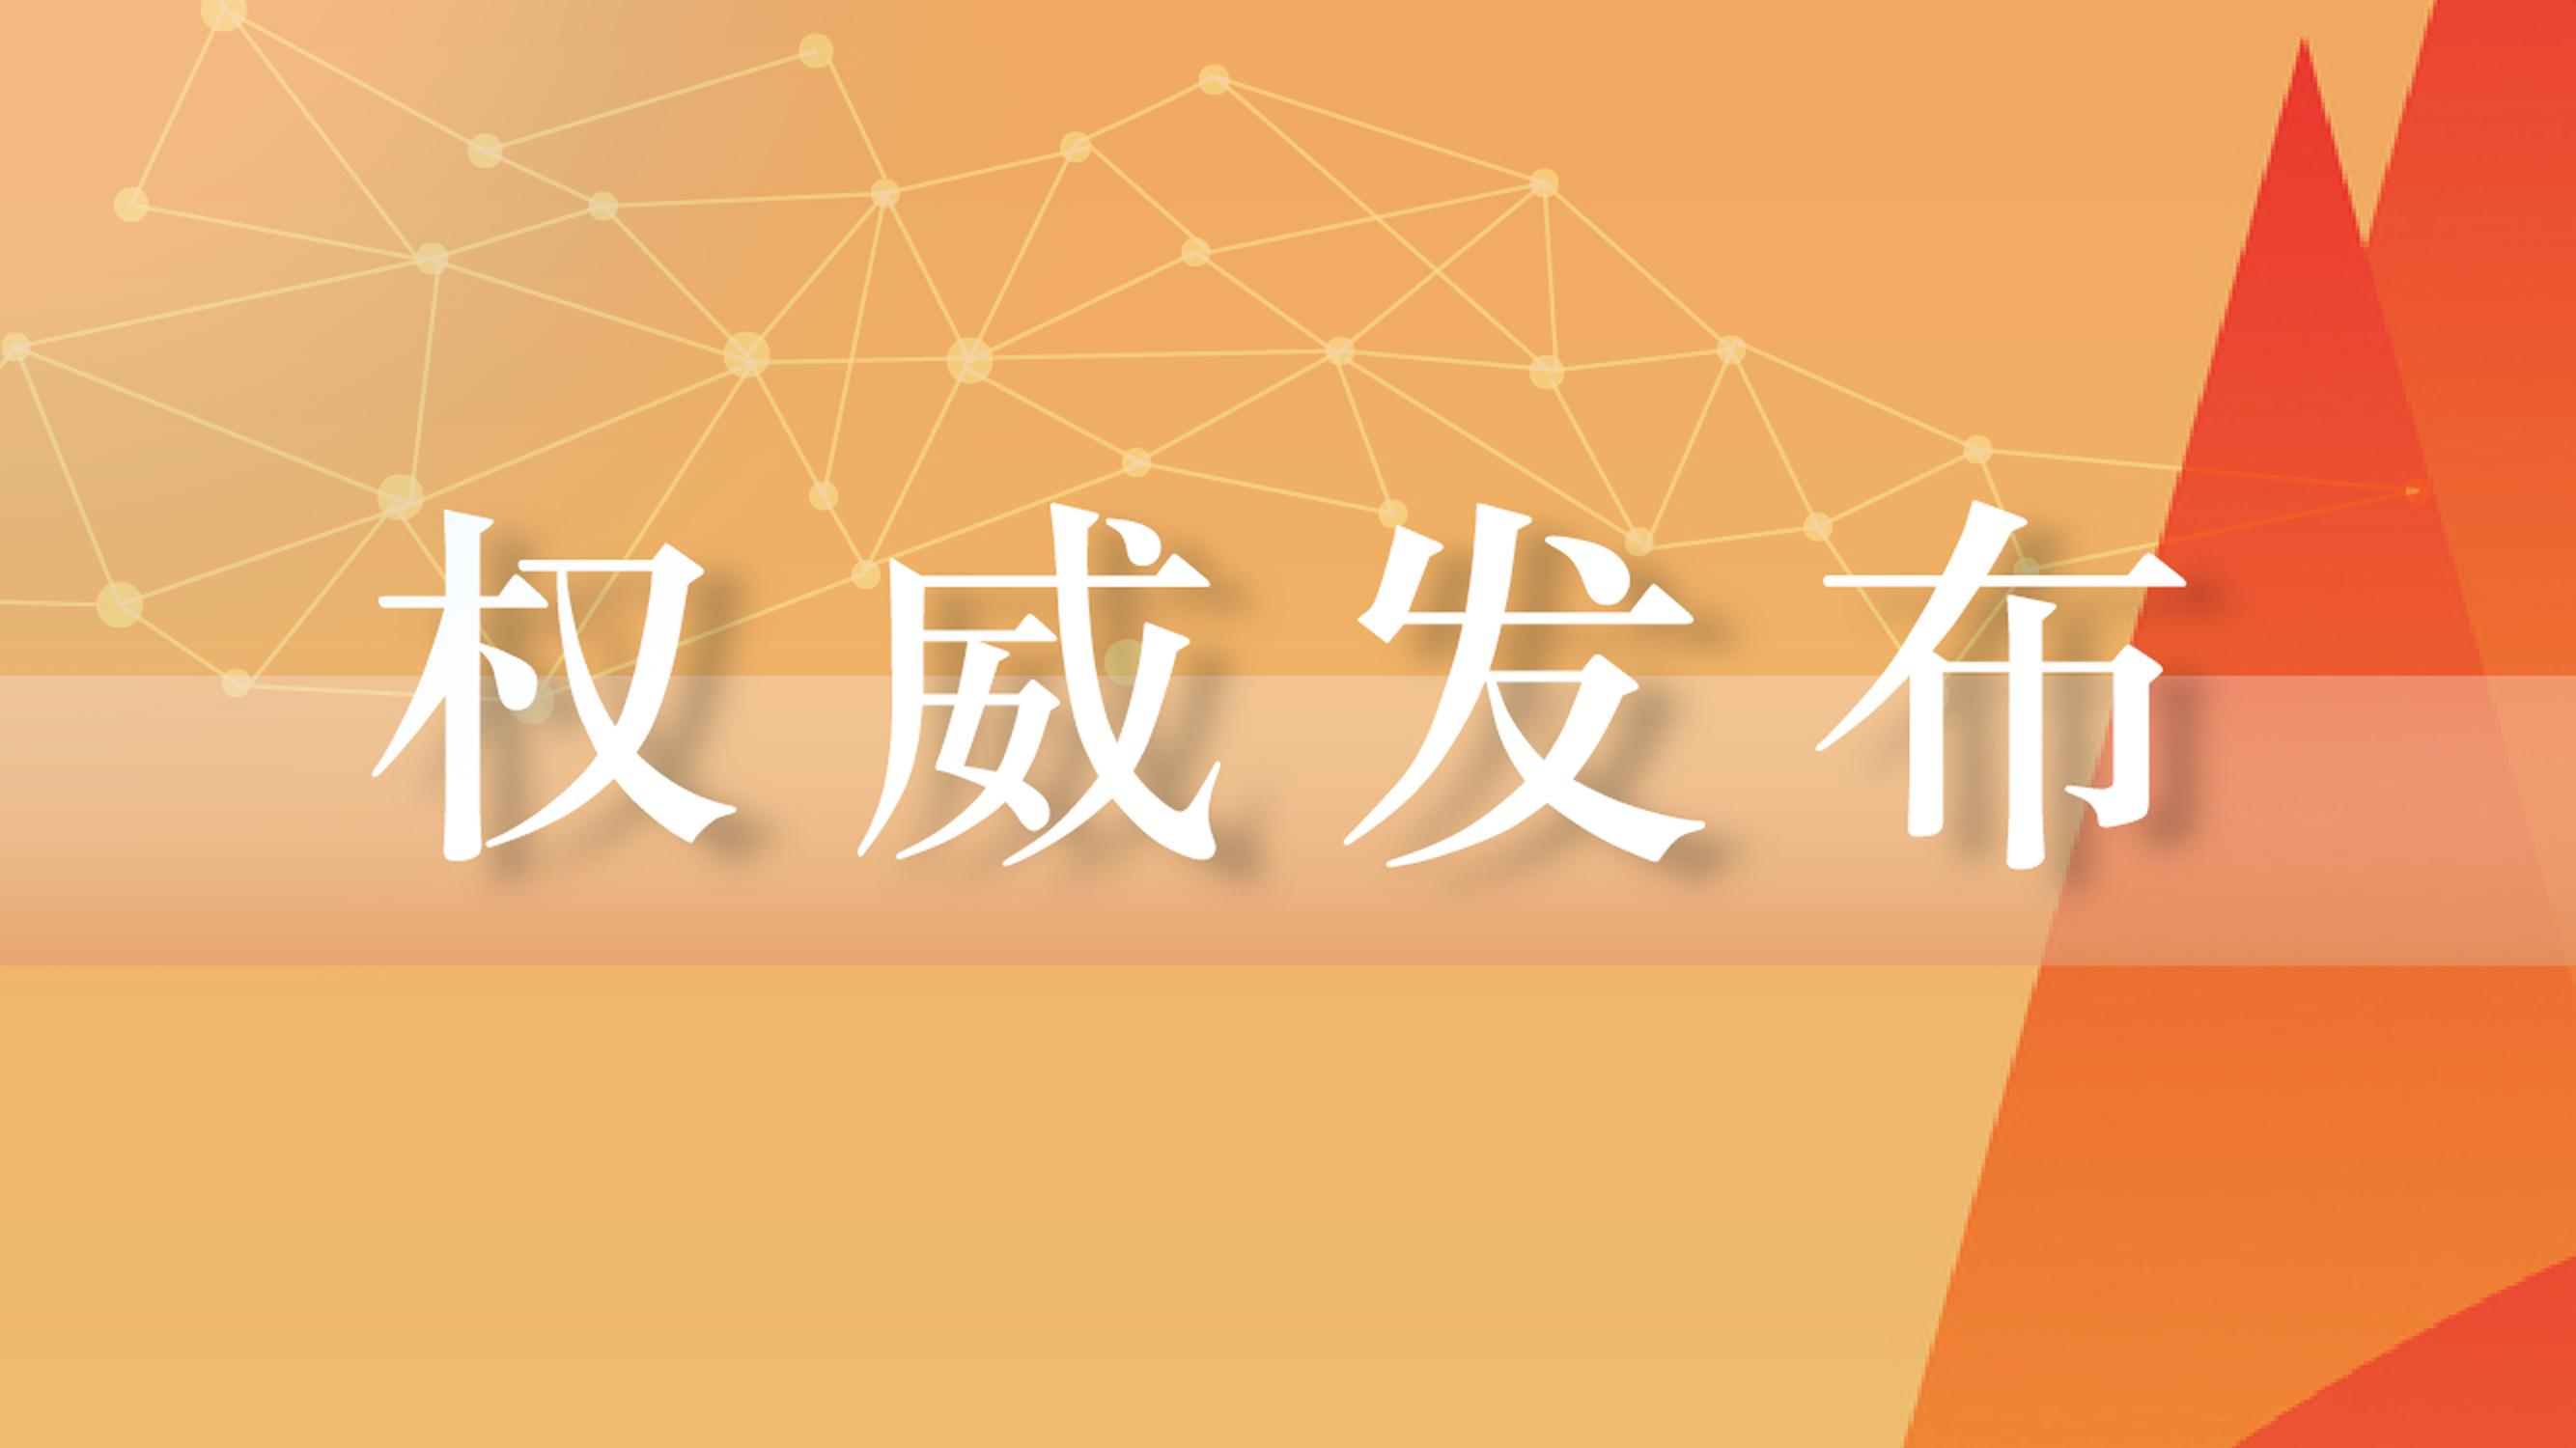 美姑县委原副书记、原县长蔡光阳 接受纪律审查和监察调查